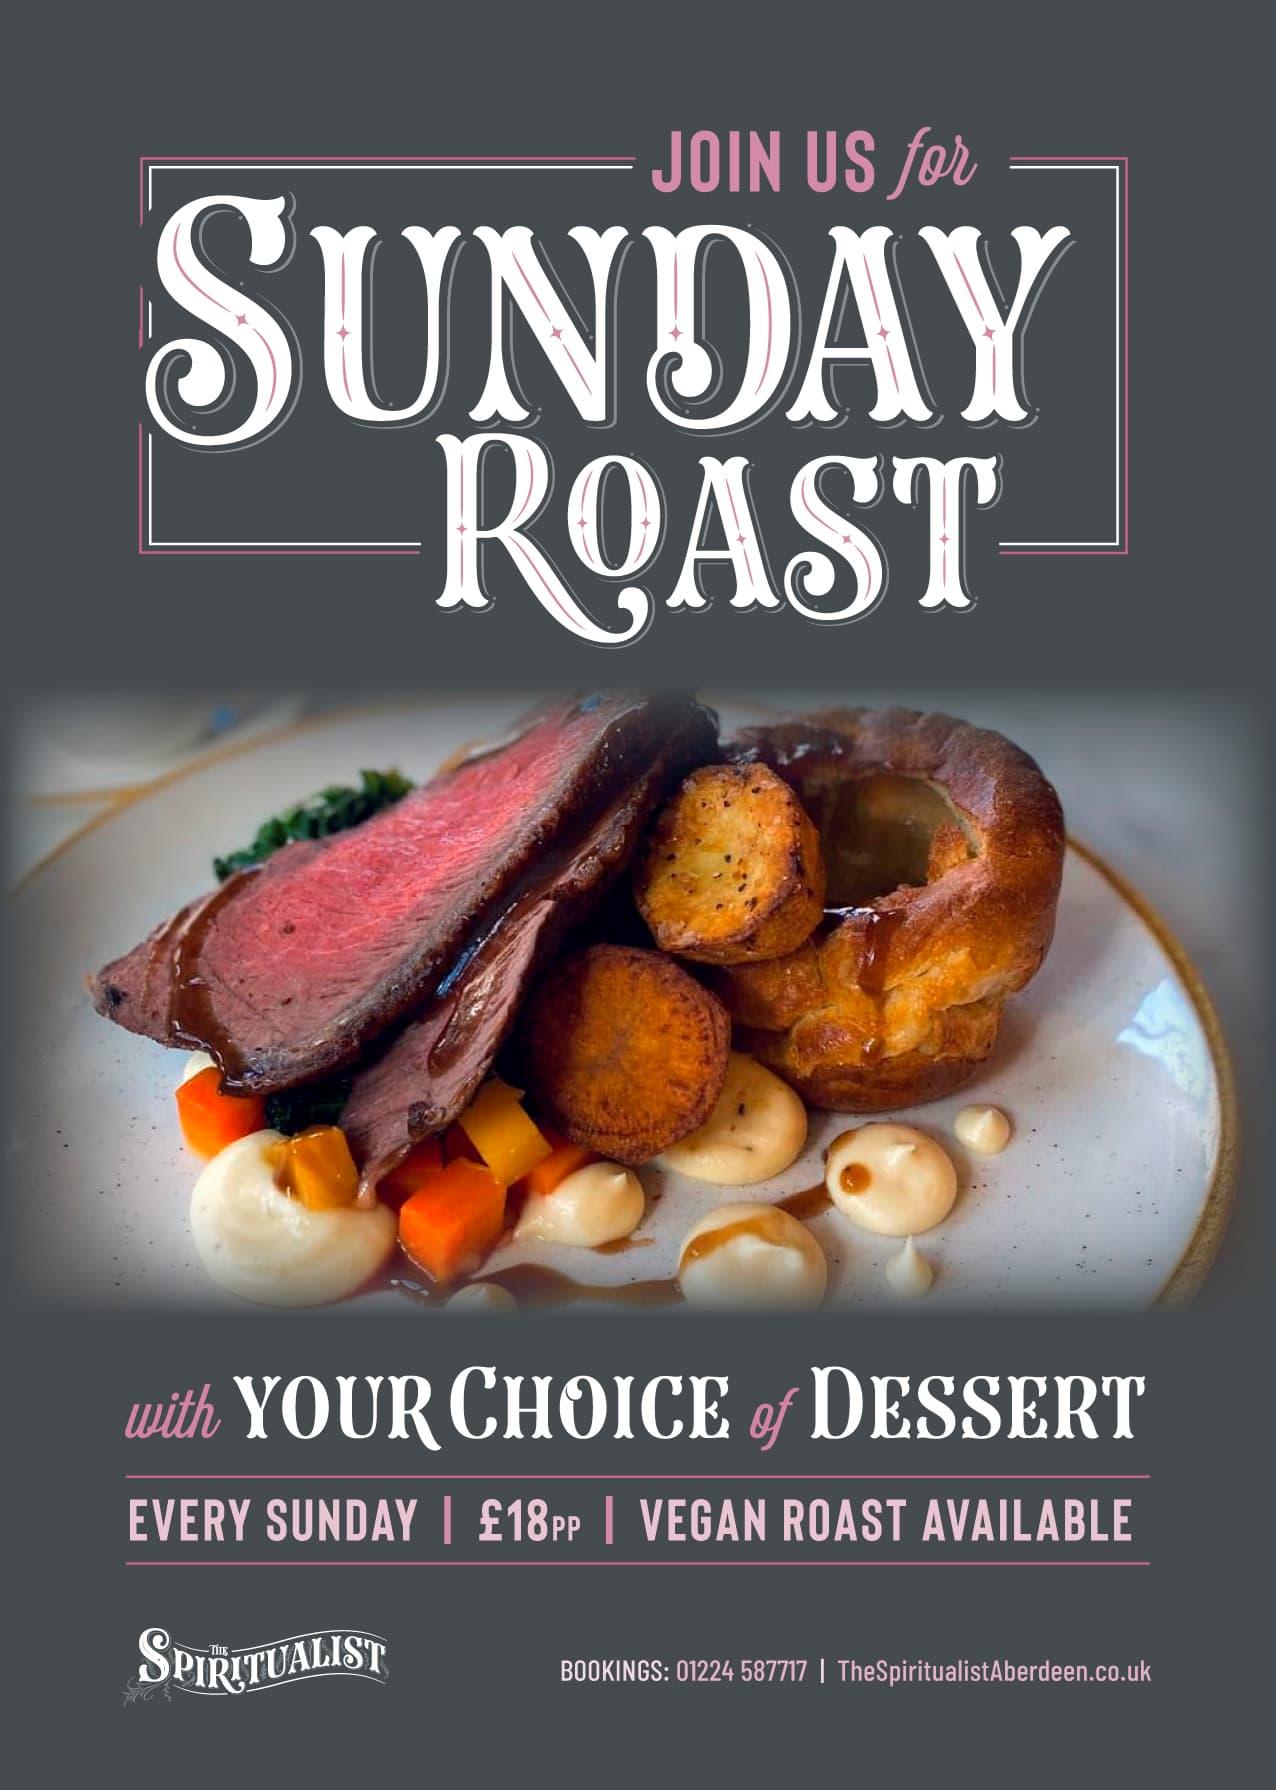 Sunday Roast at The Spiritualist Aberdeen